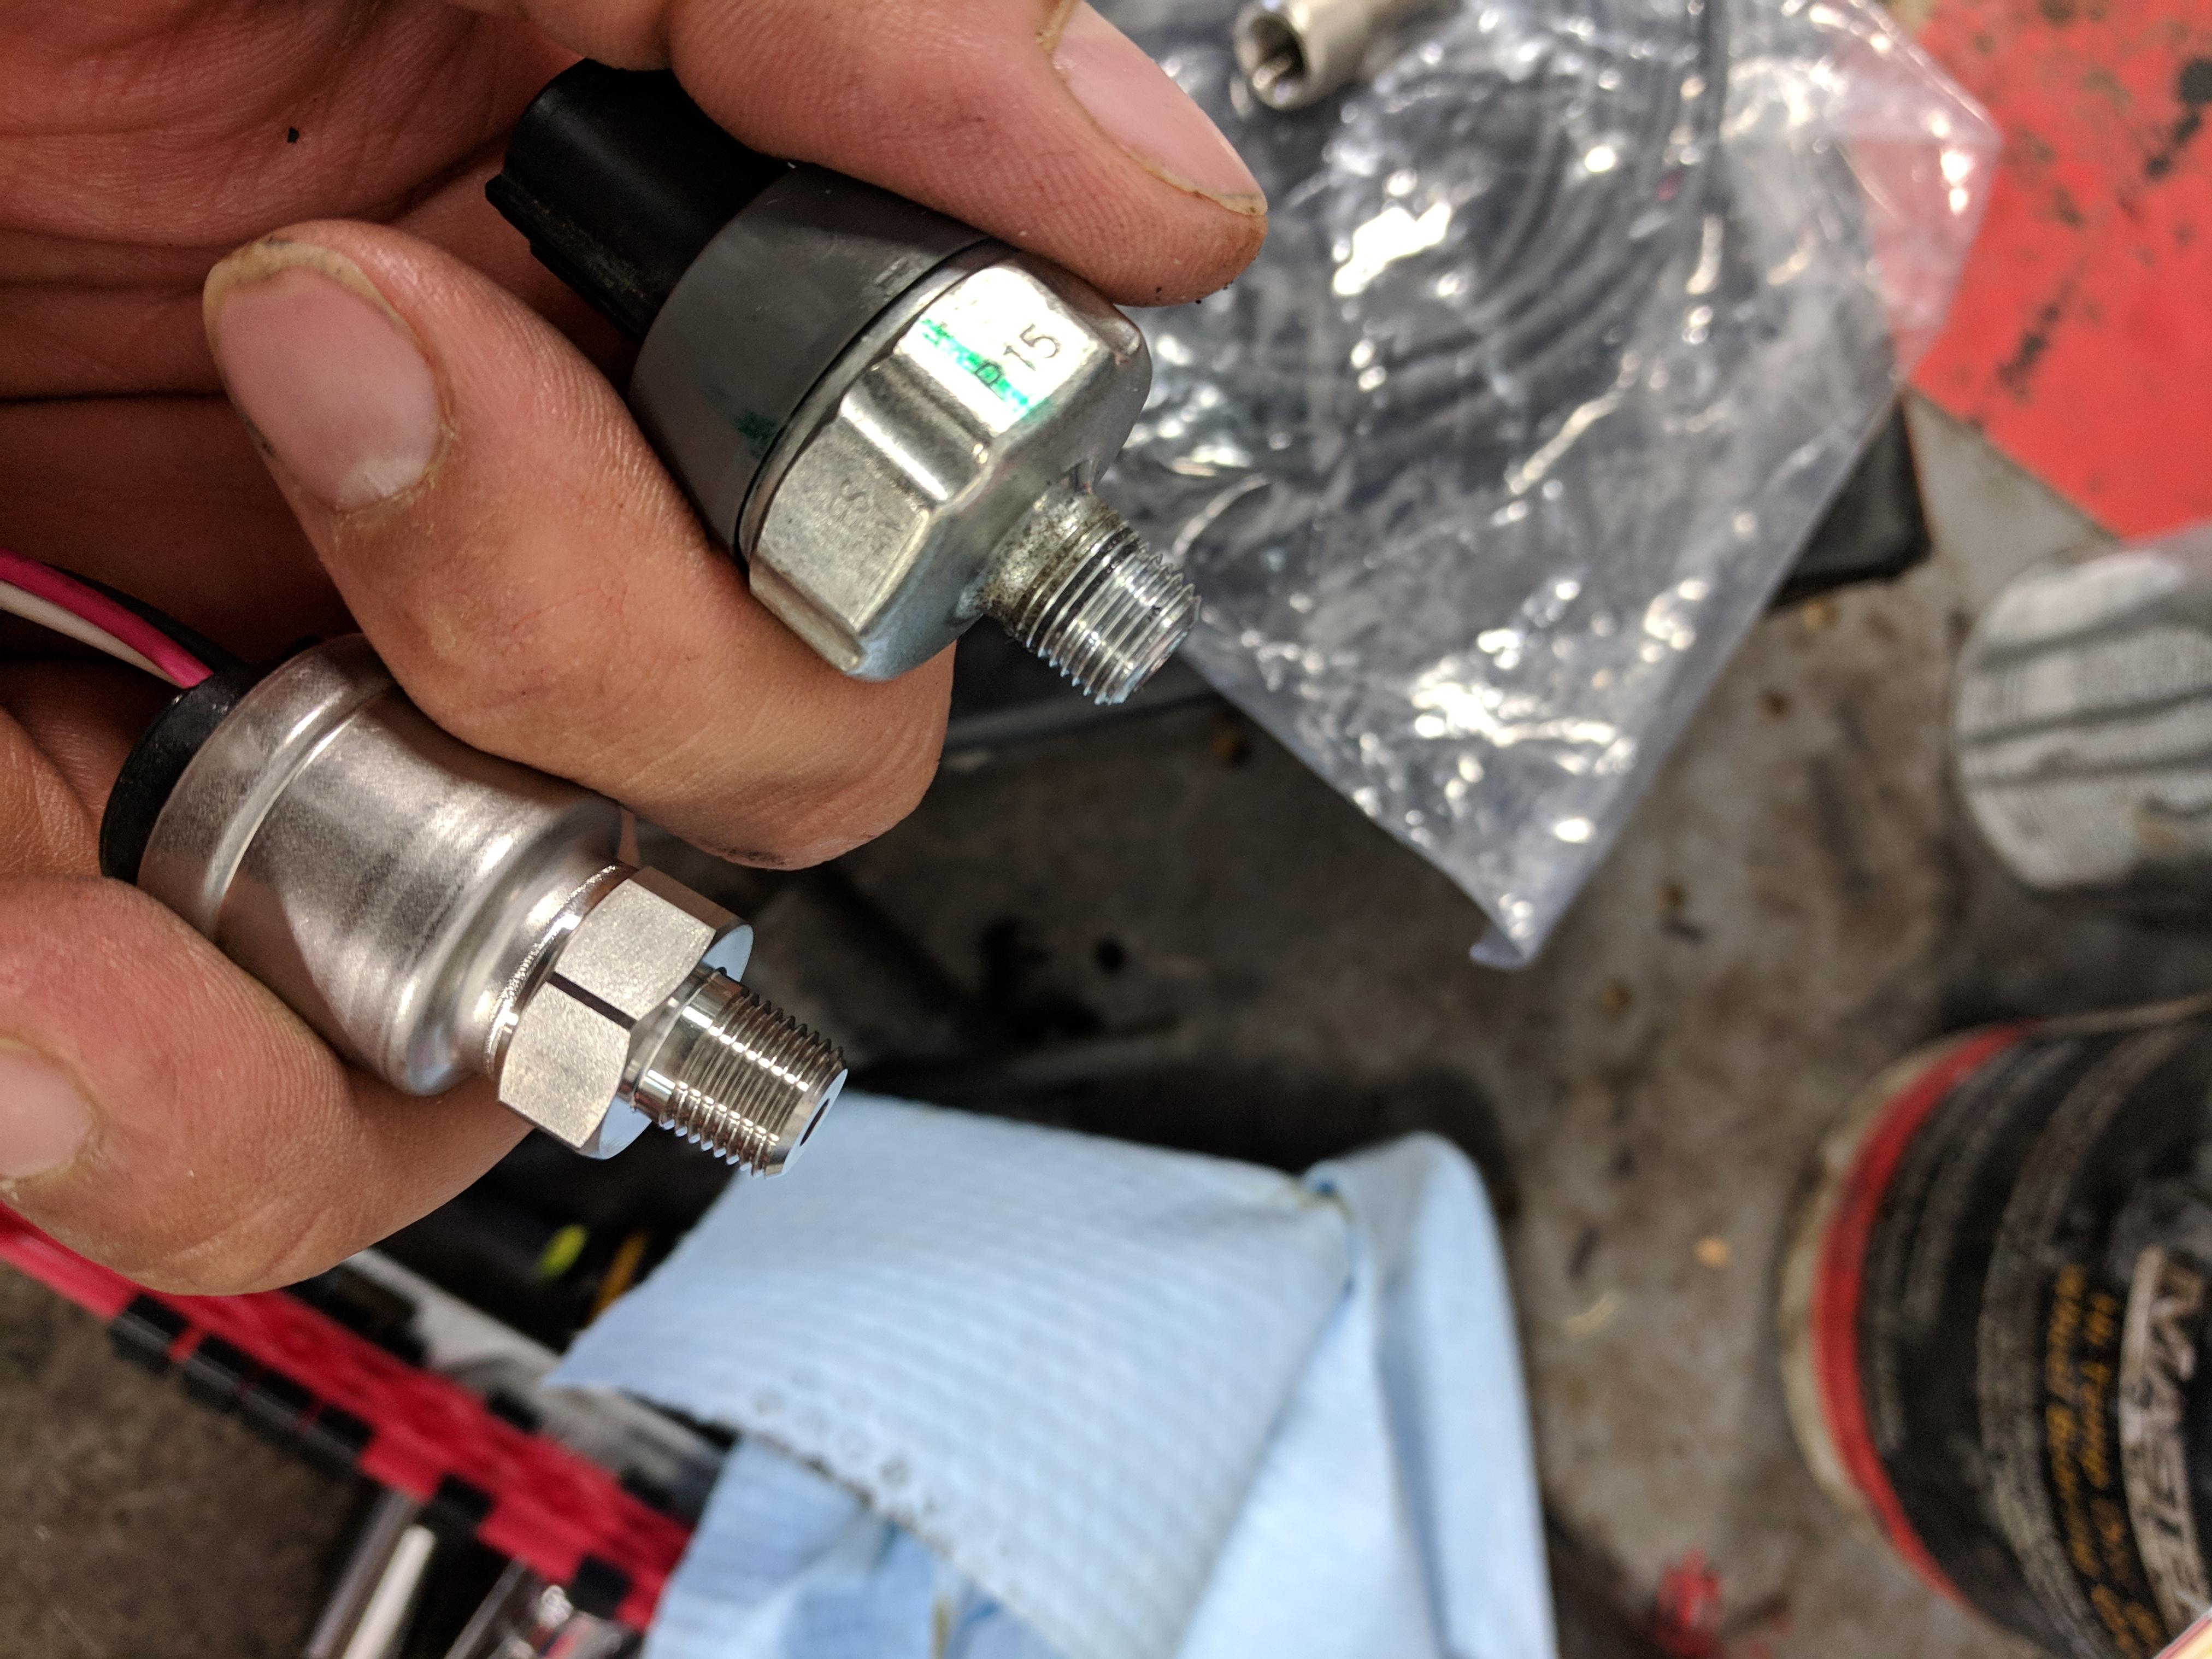 OEM and Defil oil pressure sensors